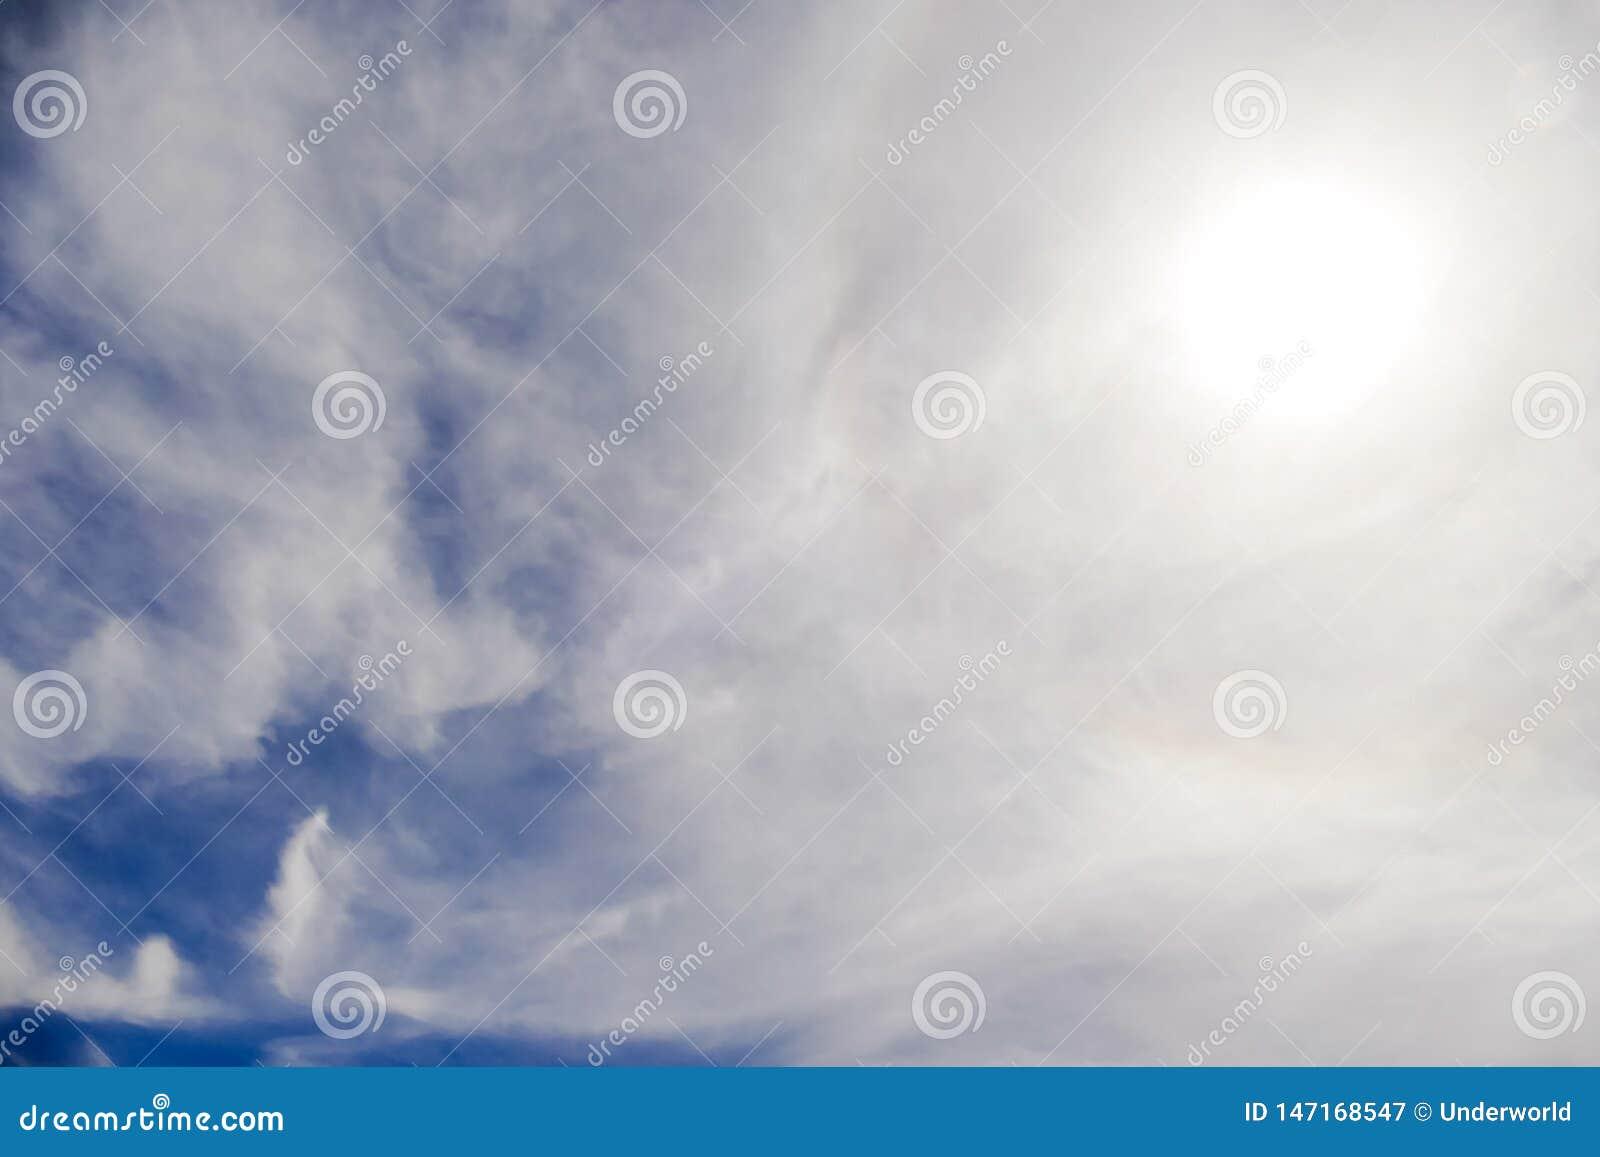 Sun mit dem Kreisregenbogensonnen-Haloauftreten wegen der Eiskristalle in der Atmosph?re, Sonnenhalohintergrund